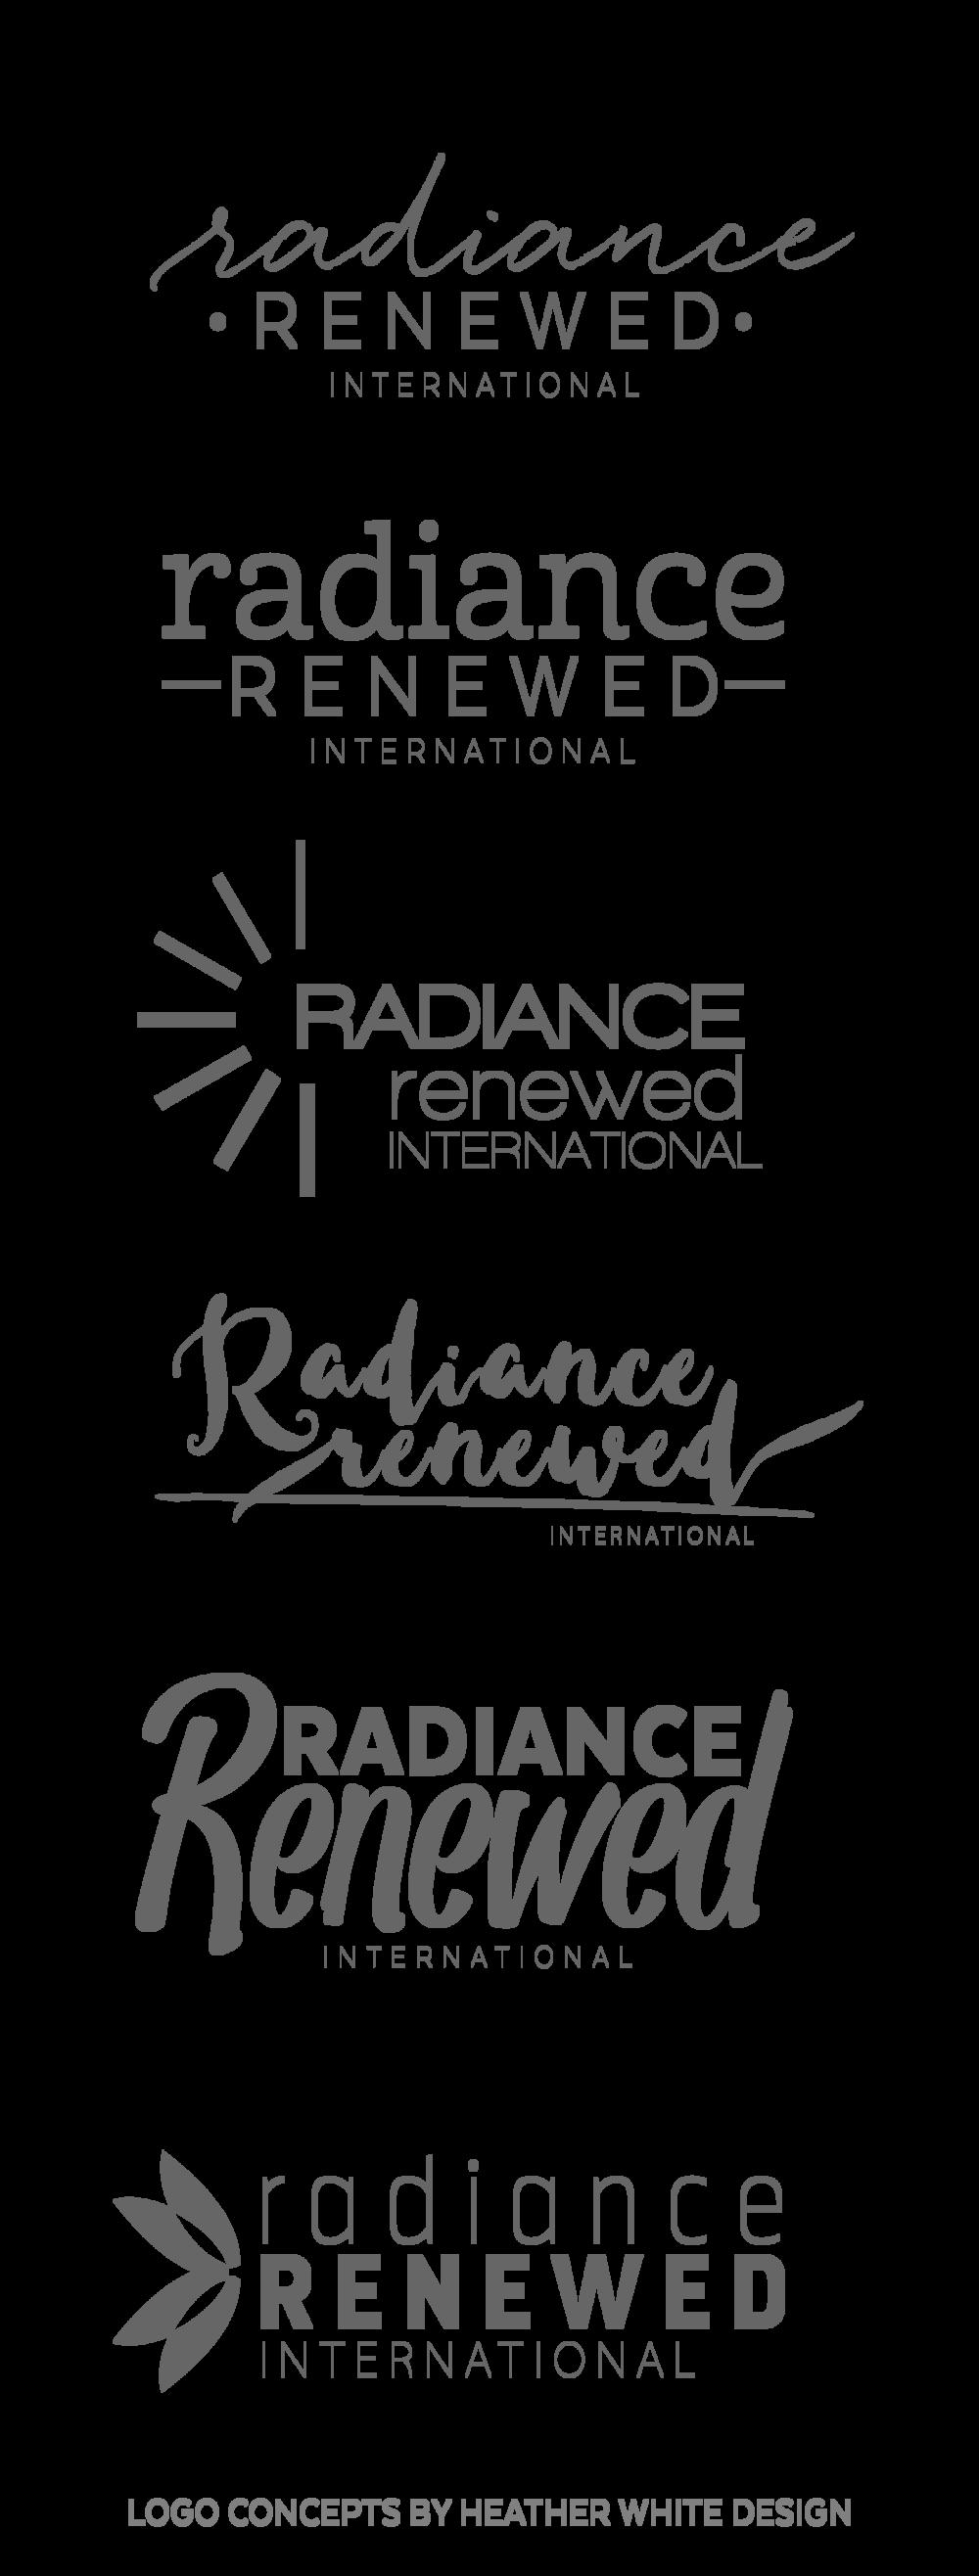 RRI-logos